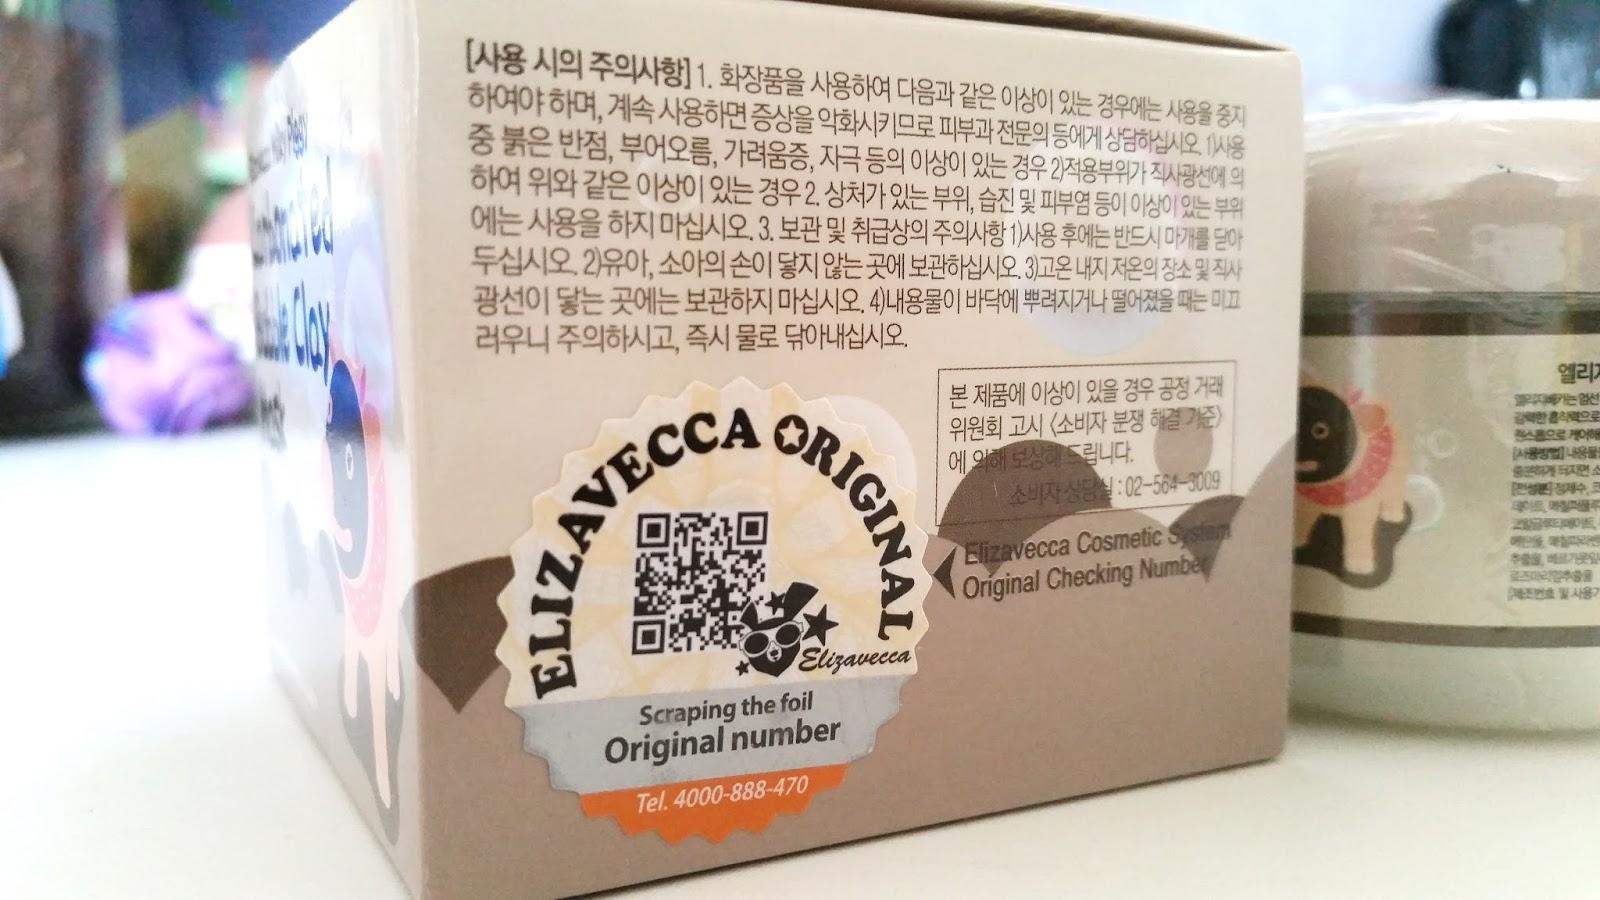 Косметика елизавекка корея официальный сайт